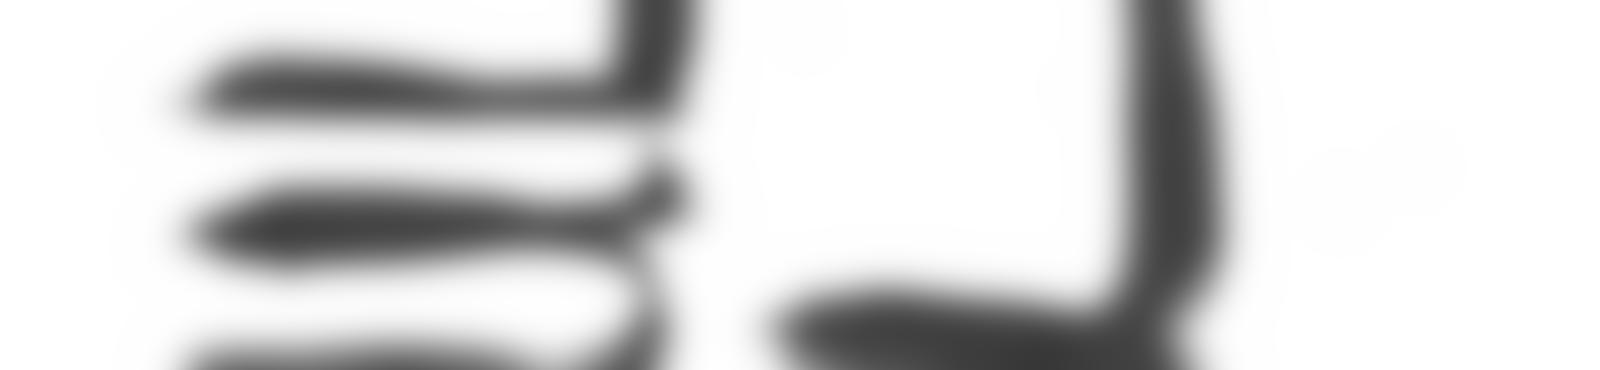 Blurred ee2e6bae cbf2 4b7e b18a 0ddbf66b117e